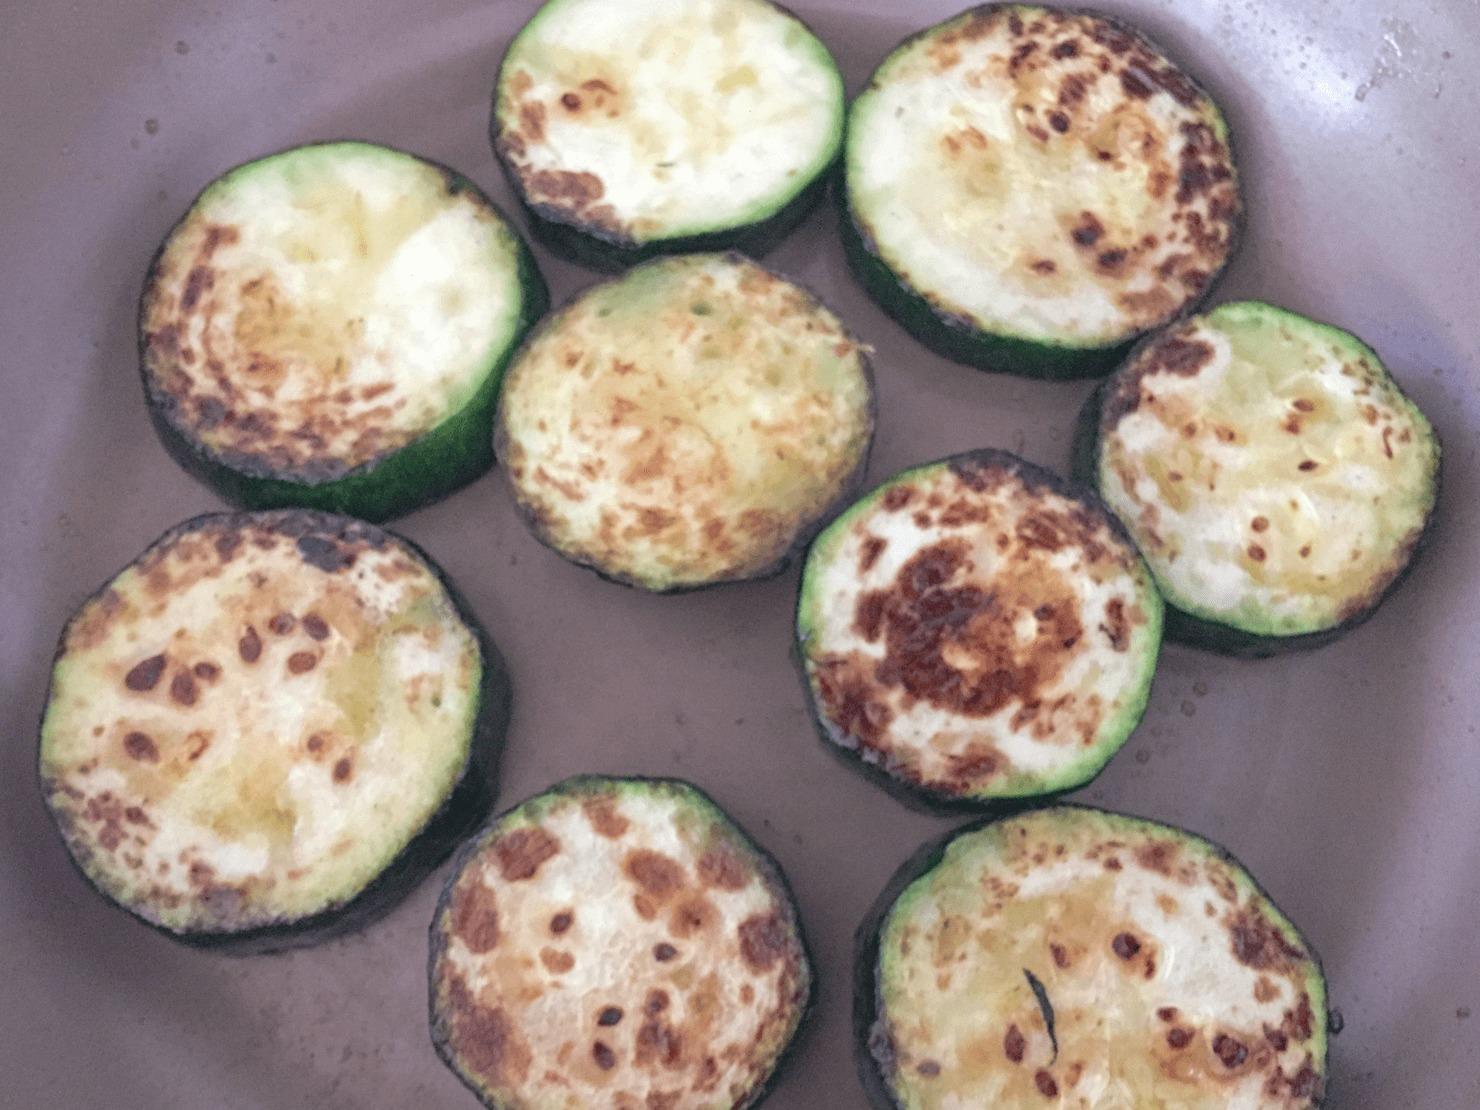 ズッキーニをフライパンで焼いている写真